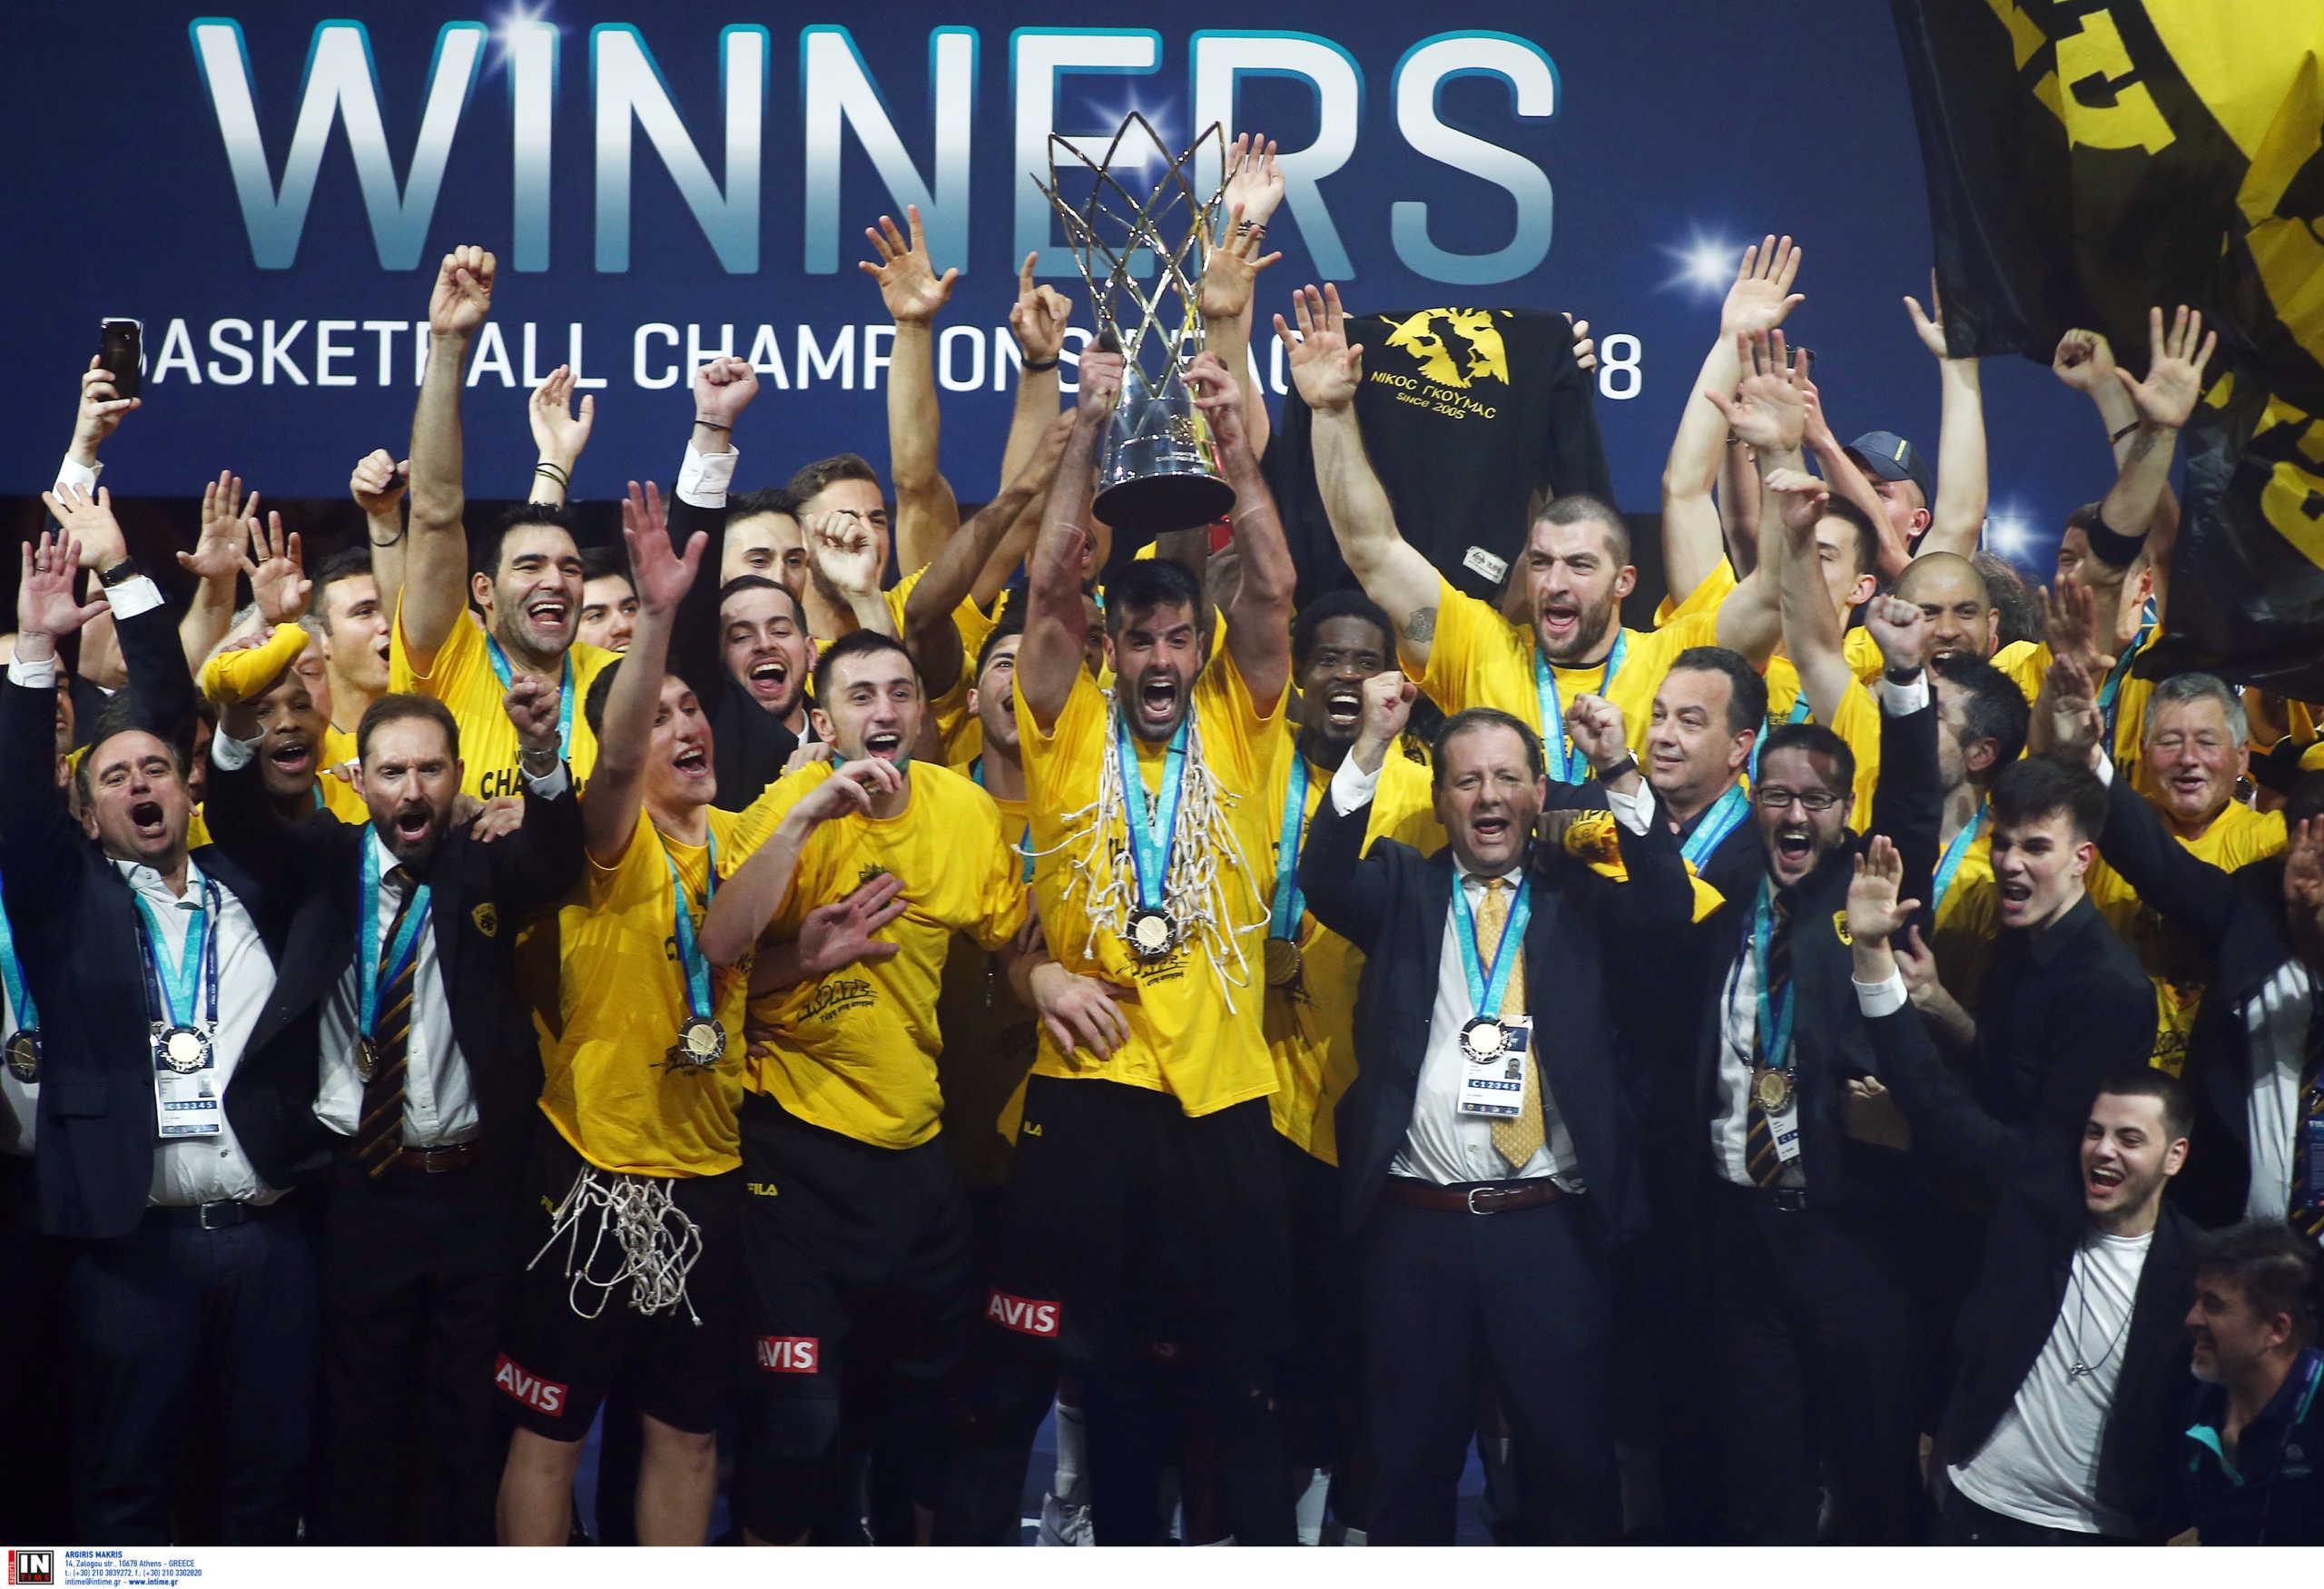 Επιστολή του BCL στην ΑΕΚ! Κρίσιμο 24ωρο για το Final8 στην Αθήνα